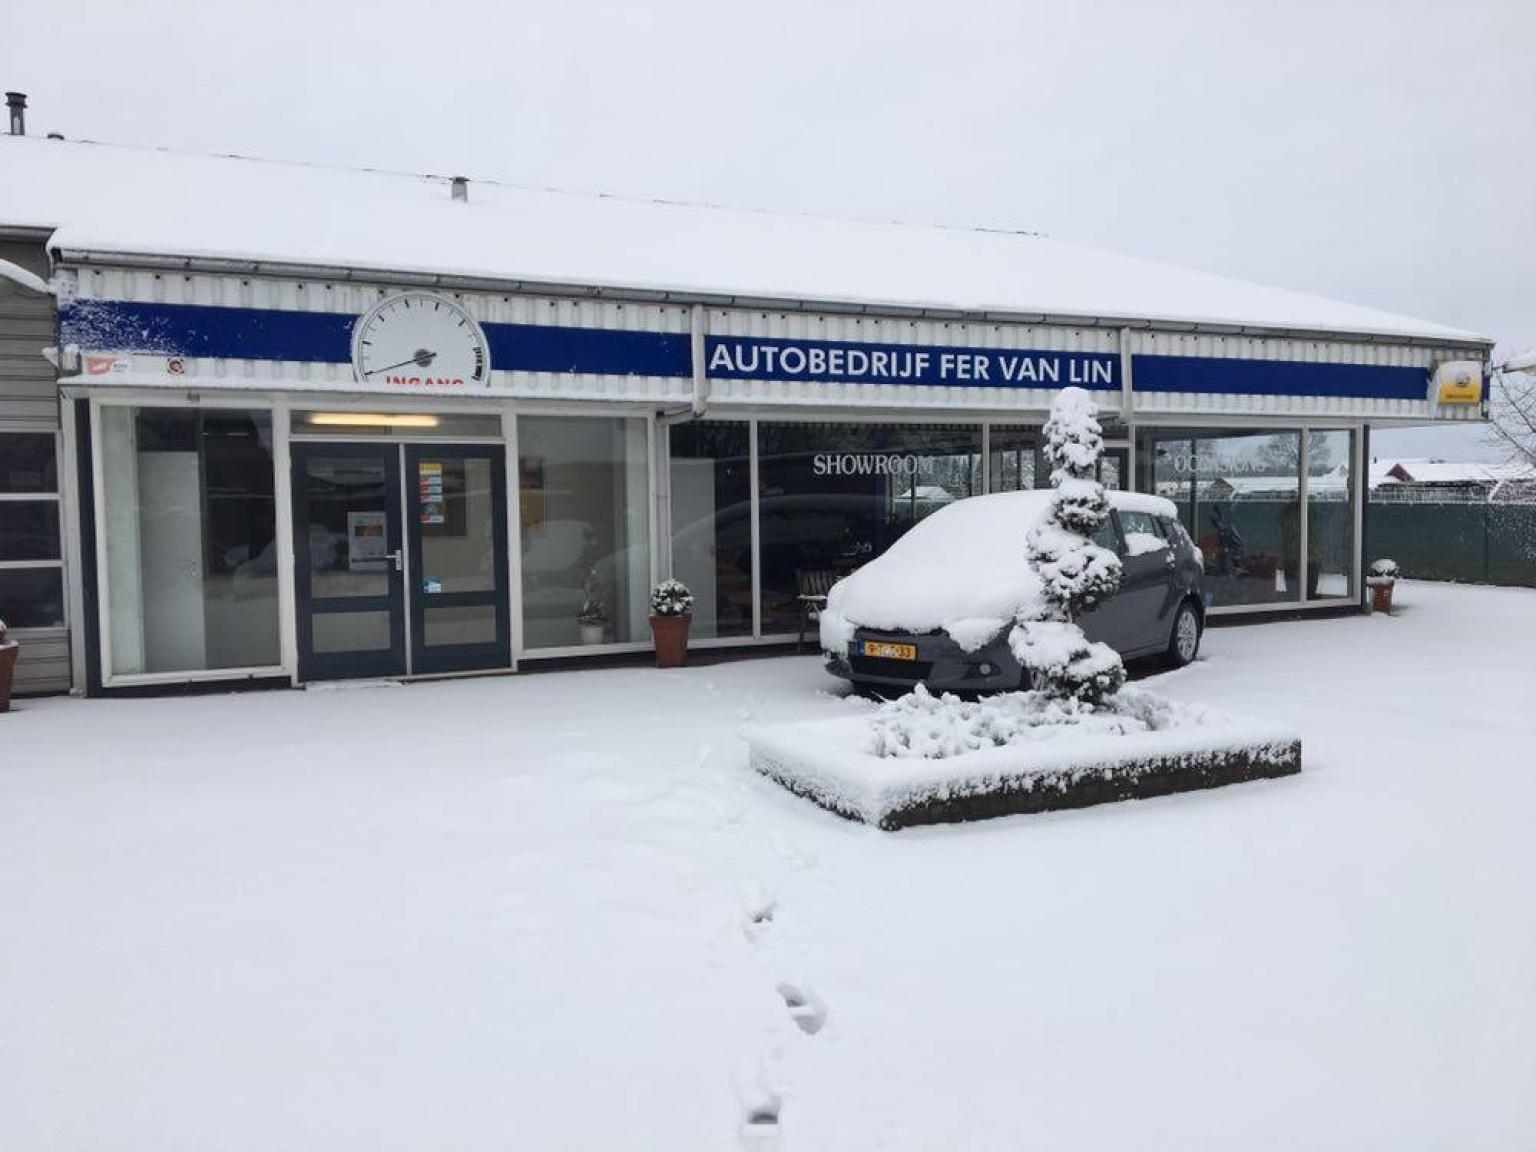 Autorijden in de sneeuw-2021-02-08 10:51:02